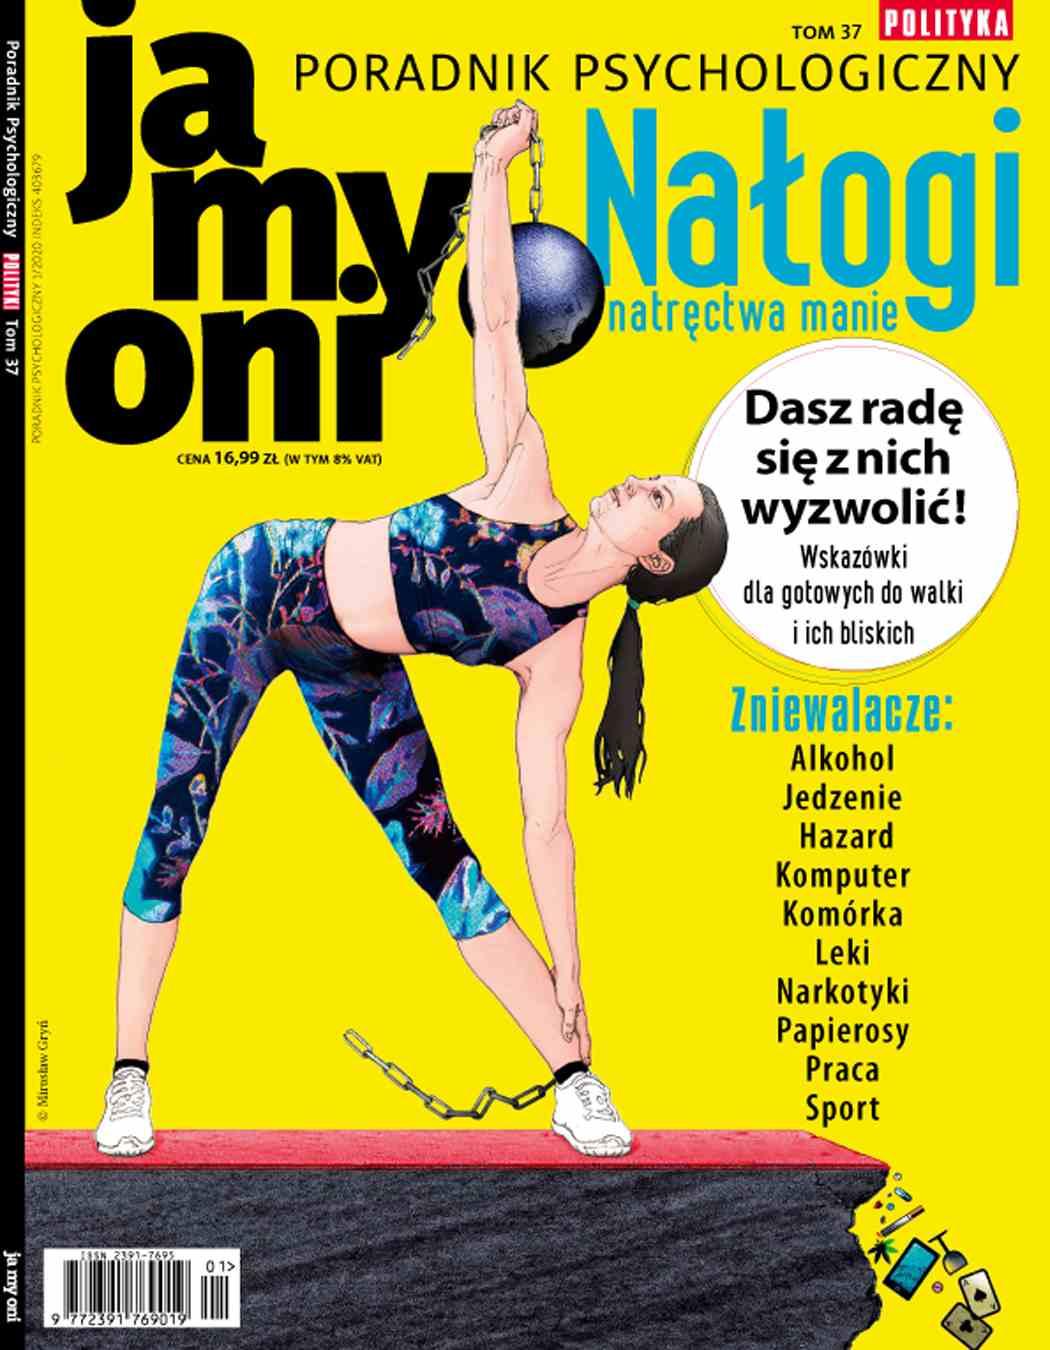 Poradnik Psychologiczny: Nałogi - Ebook (Książka PDF) do pobrania w formacie PDF